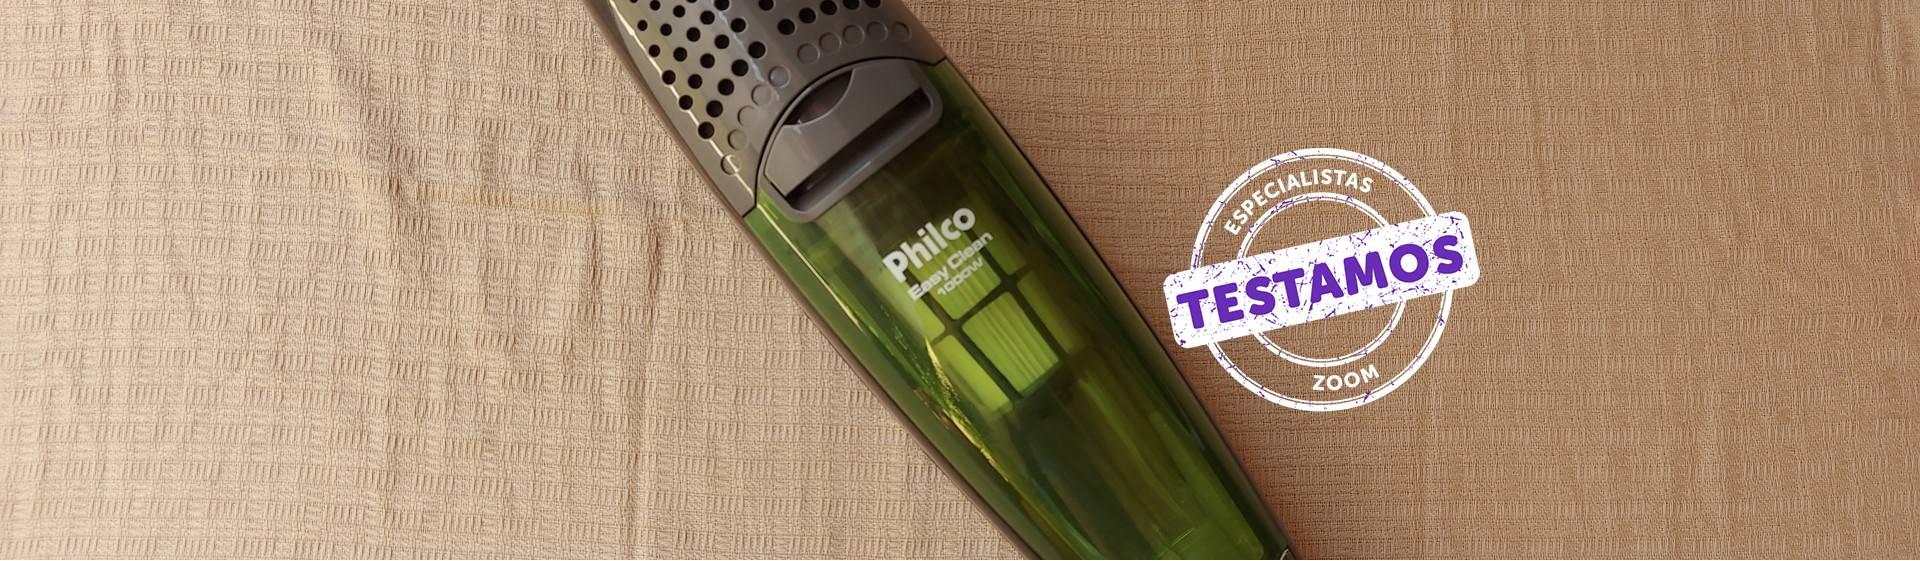 Aspirador de pó Philco Easy Clean: eficiente, mas pesado e barulhento